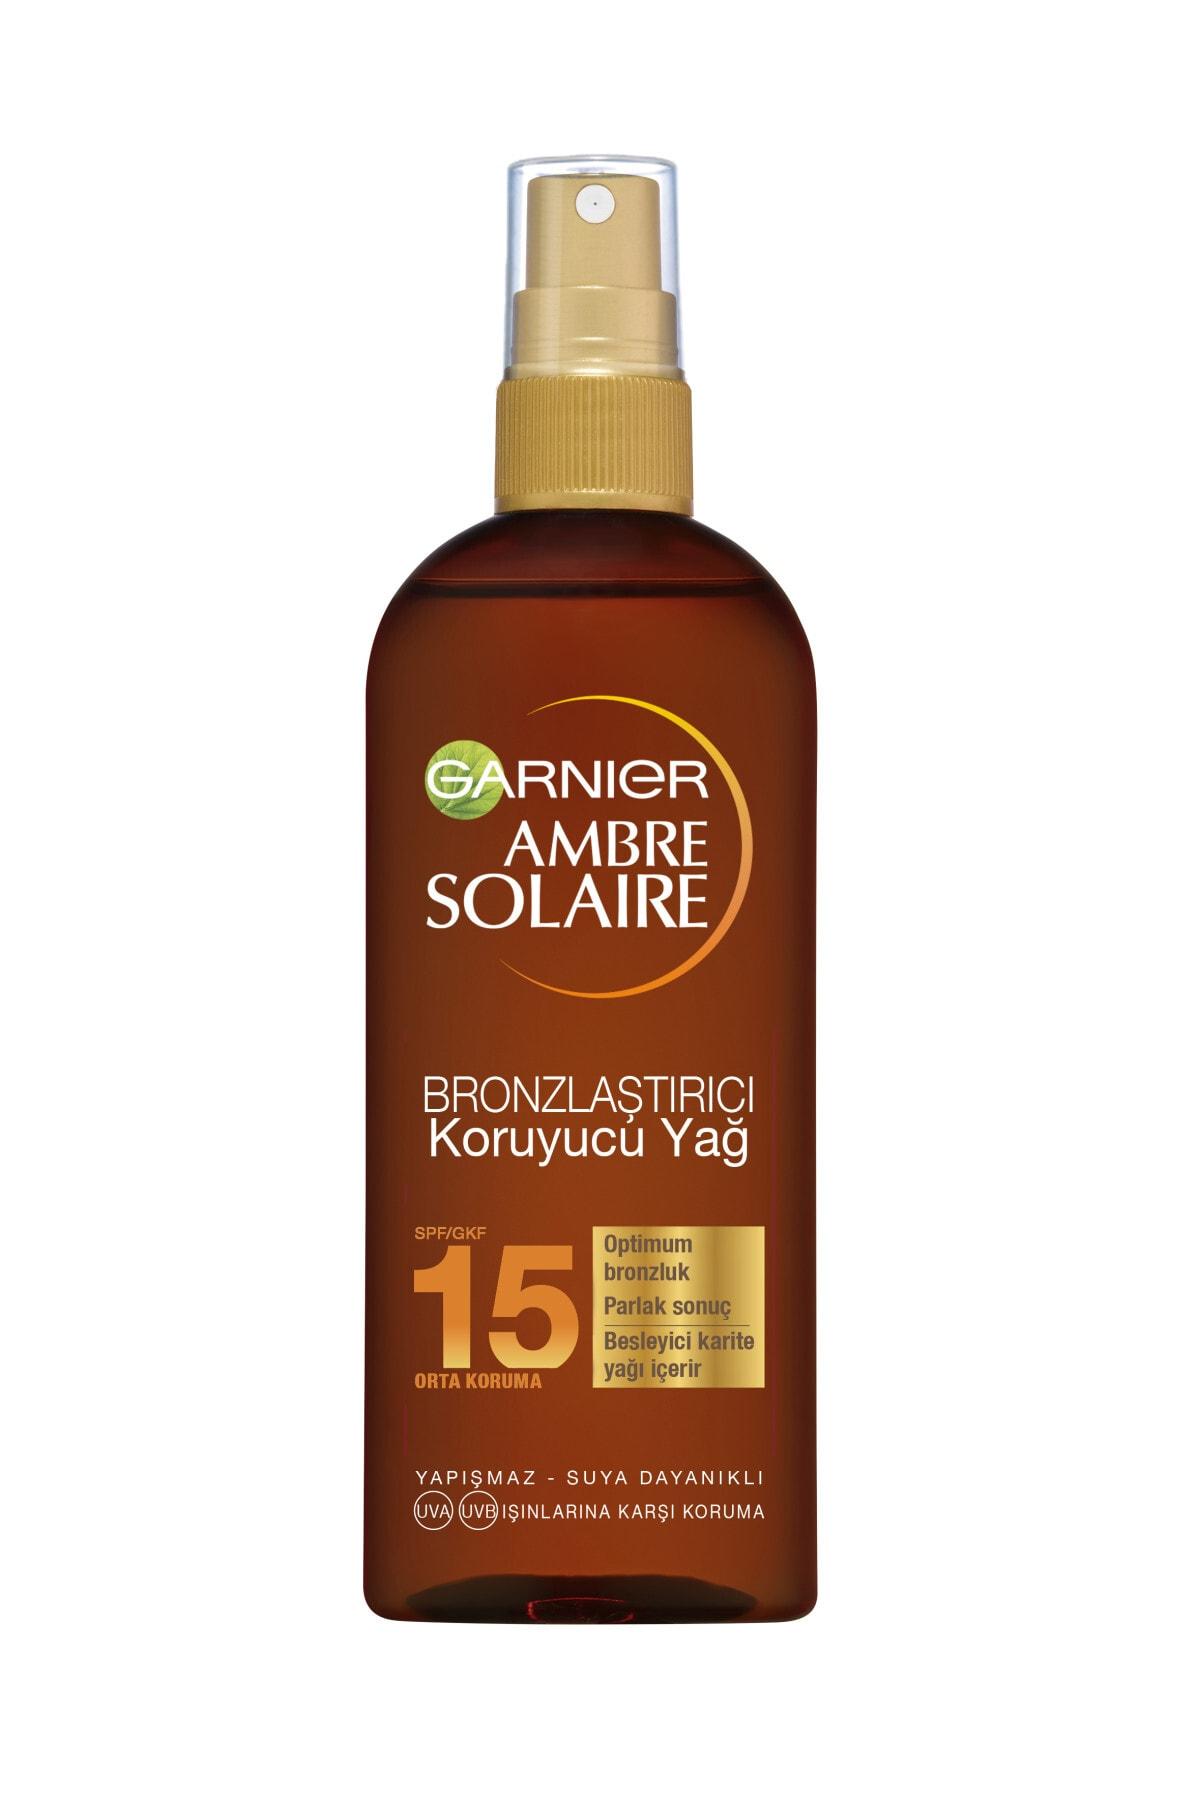 Garnier Ambre Solaire Bronzlaştırıcı Koruyucu Yağ Spf15 150ml 2